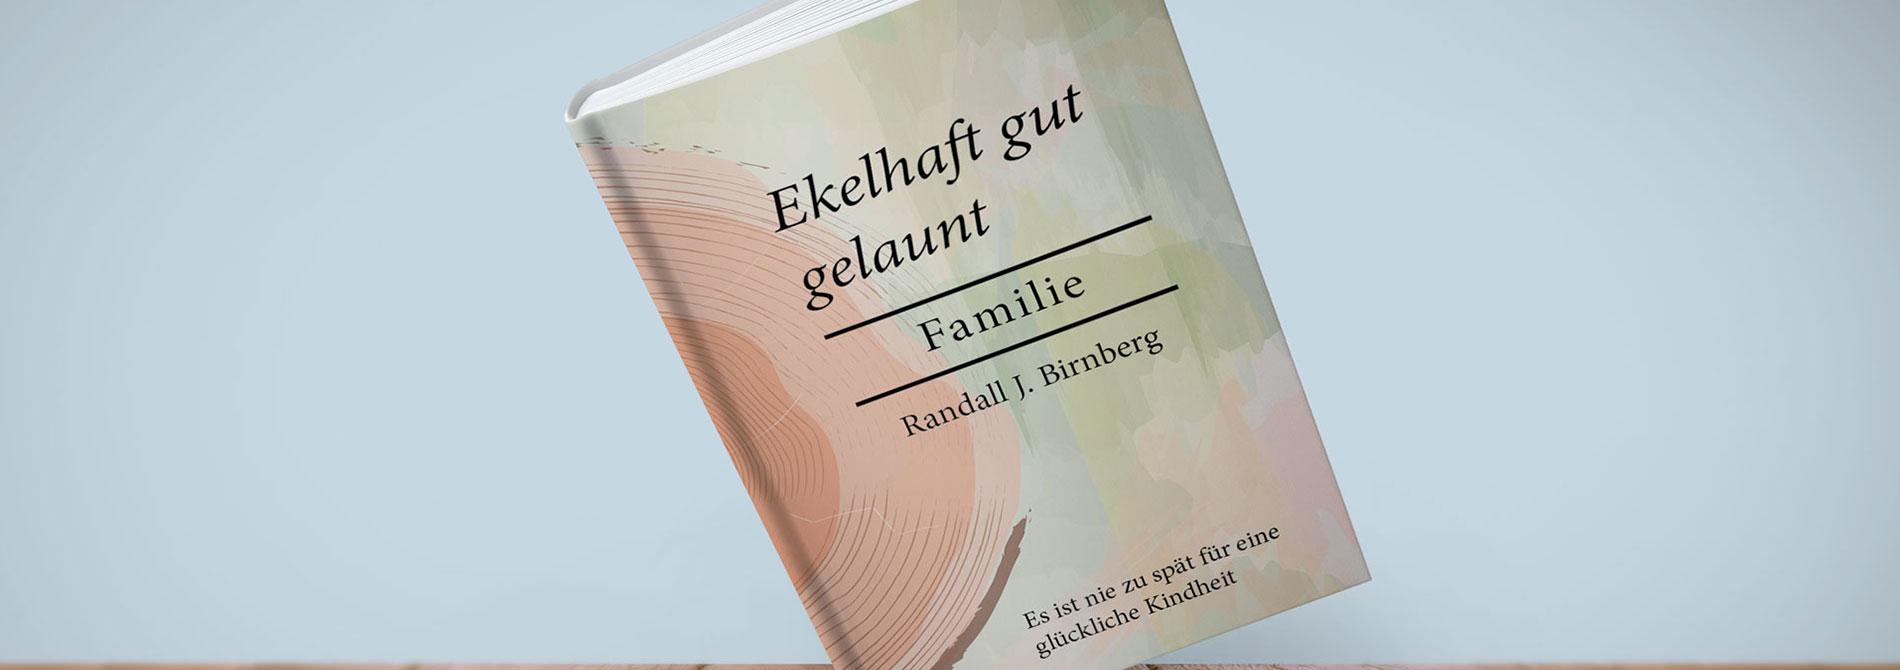 Randall Birnberg book cover